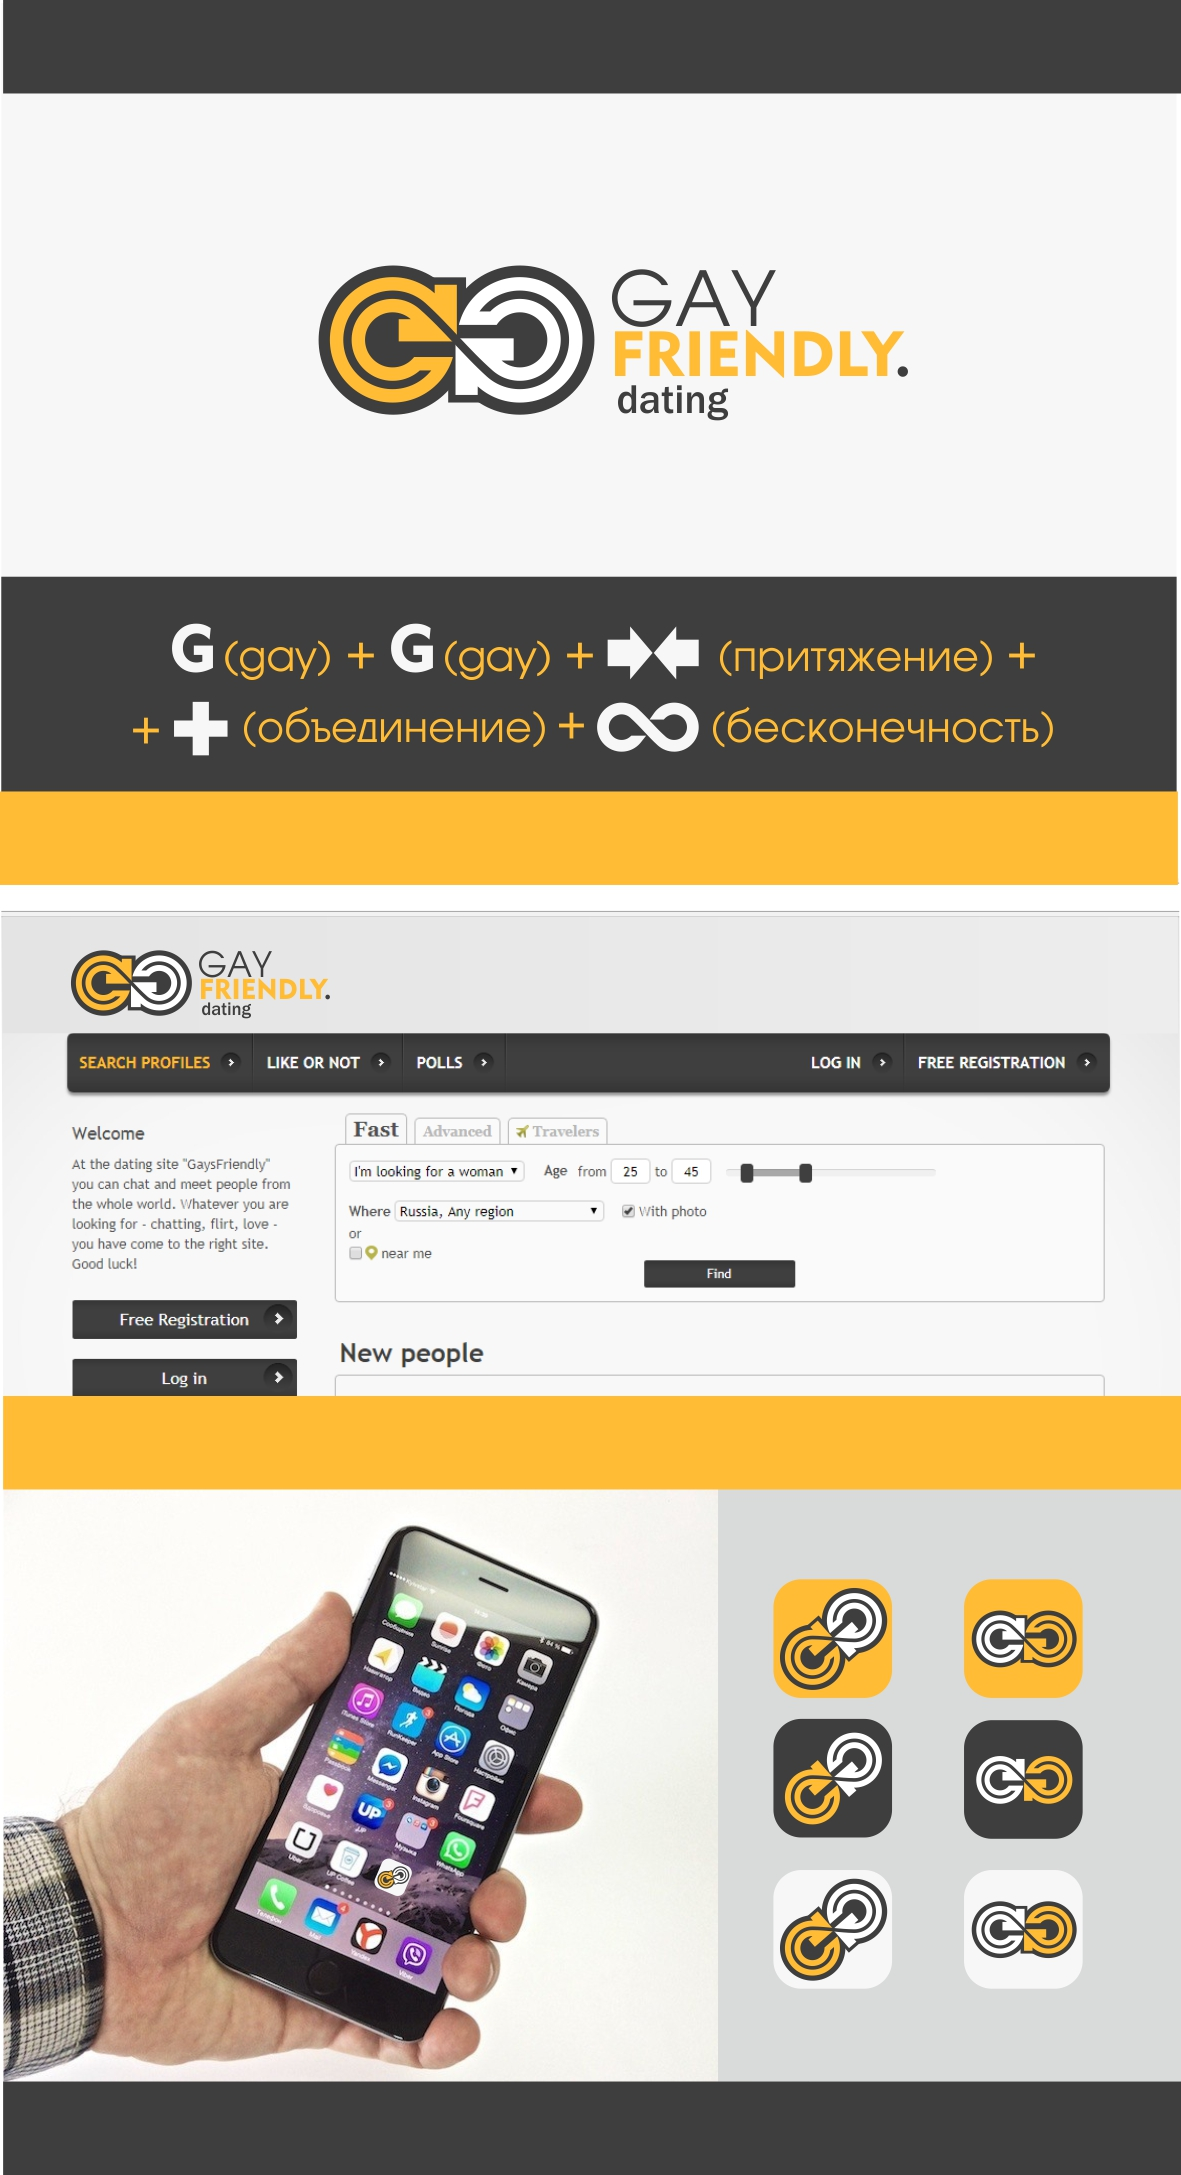 Разработать логотип для англоязычн. сайта знакомств для геев фото f_0005b58bb5b576f4.jpg